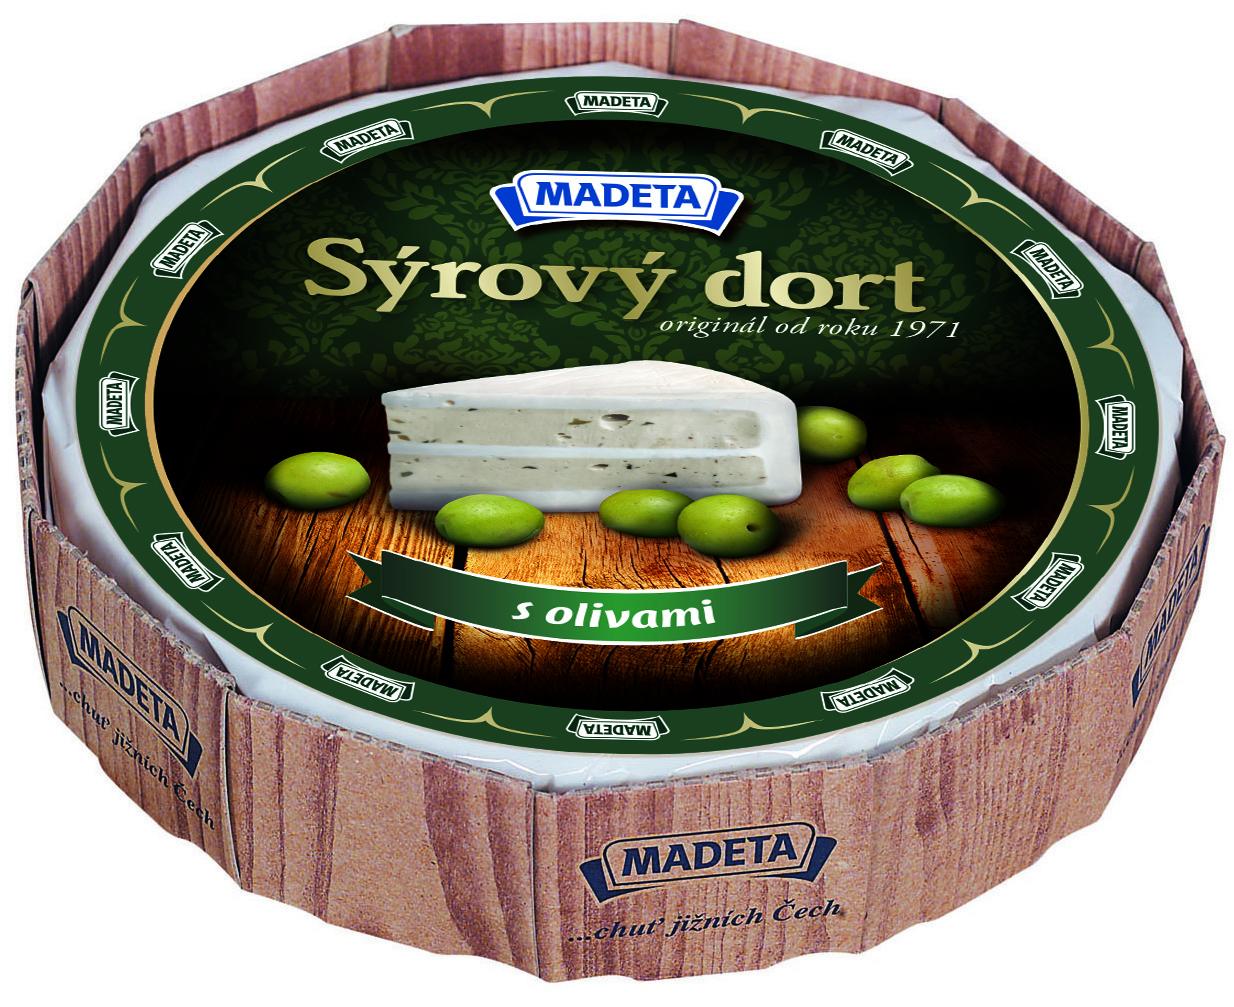 Značka Sýrový dort s olivami